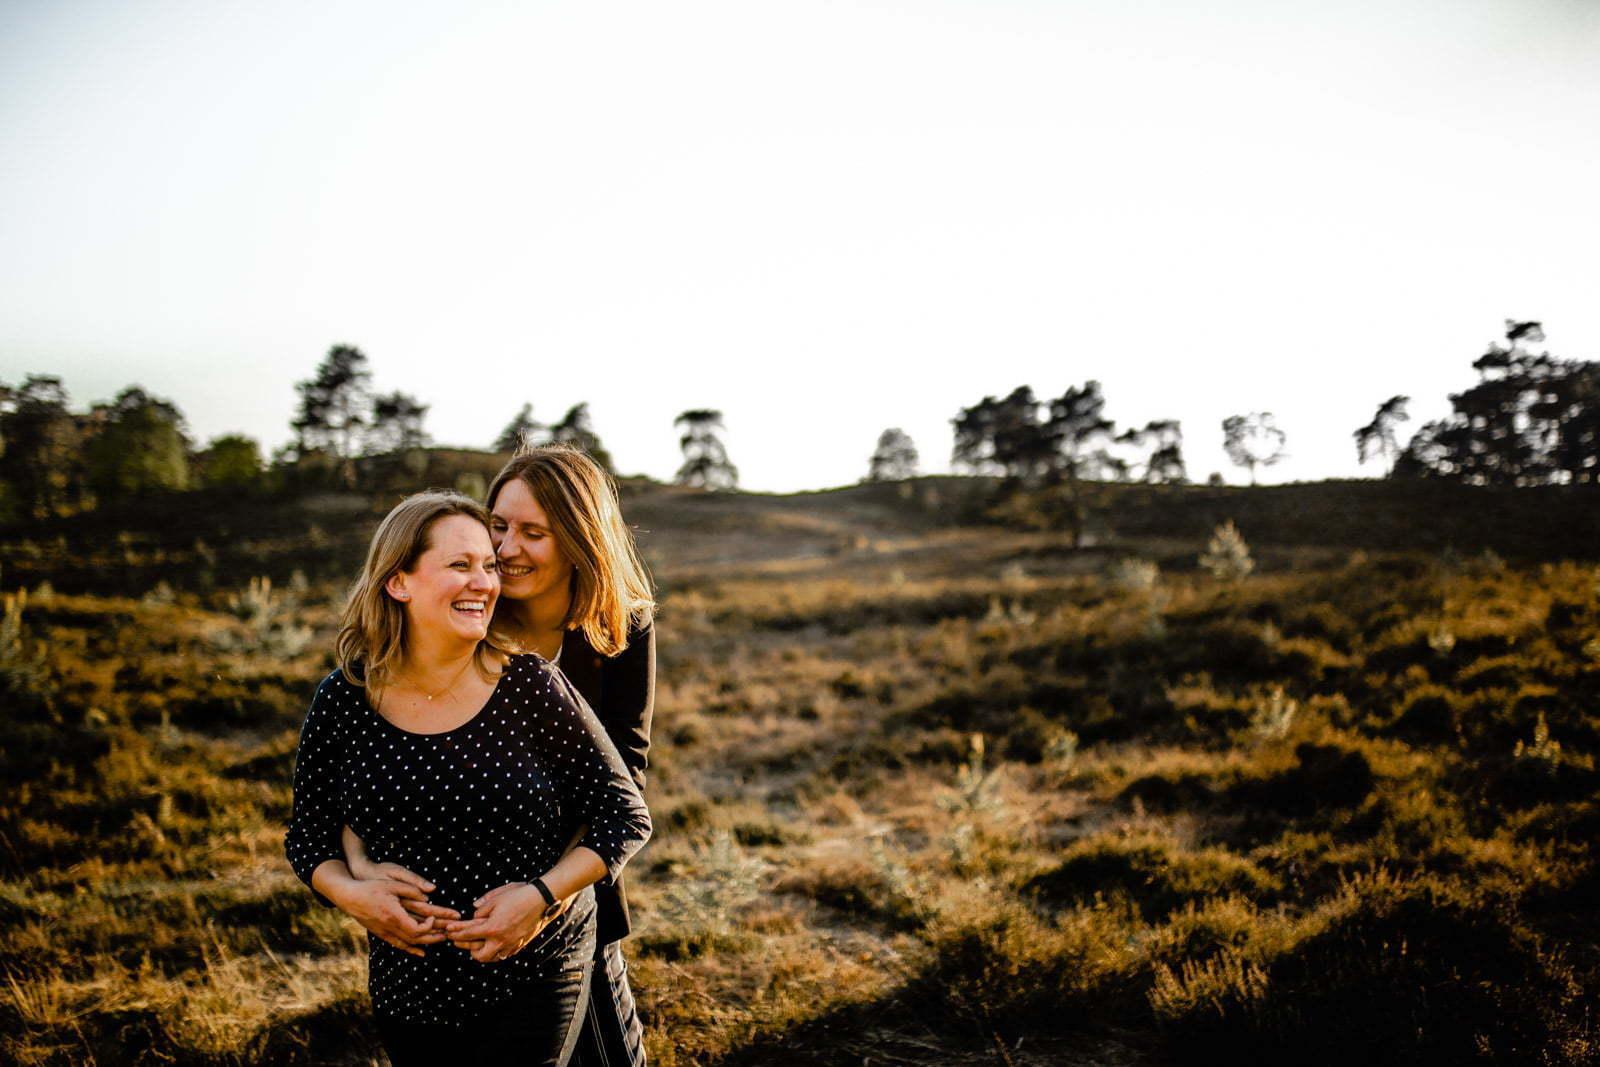 Zwangerschapsshoot-zwanger-limburg-maastricht-fotograaf-liefde-loveshoot-13